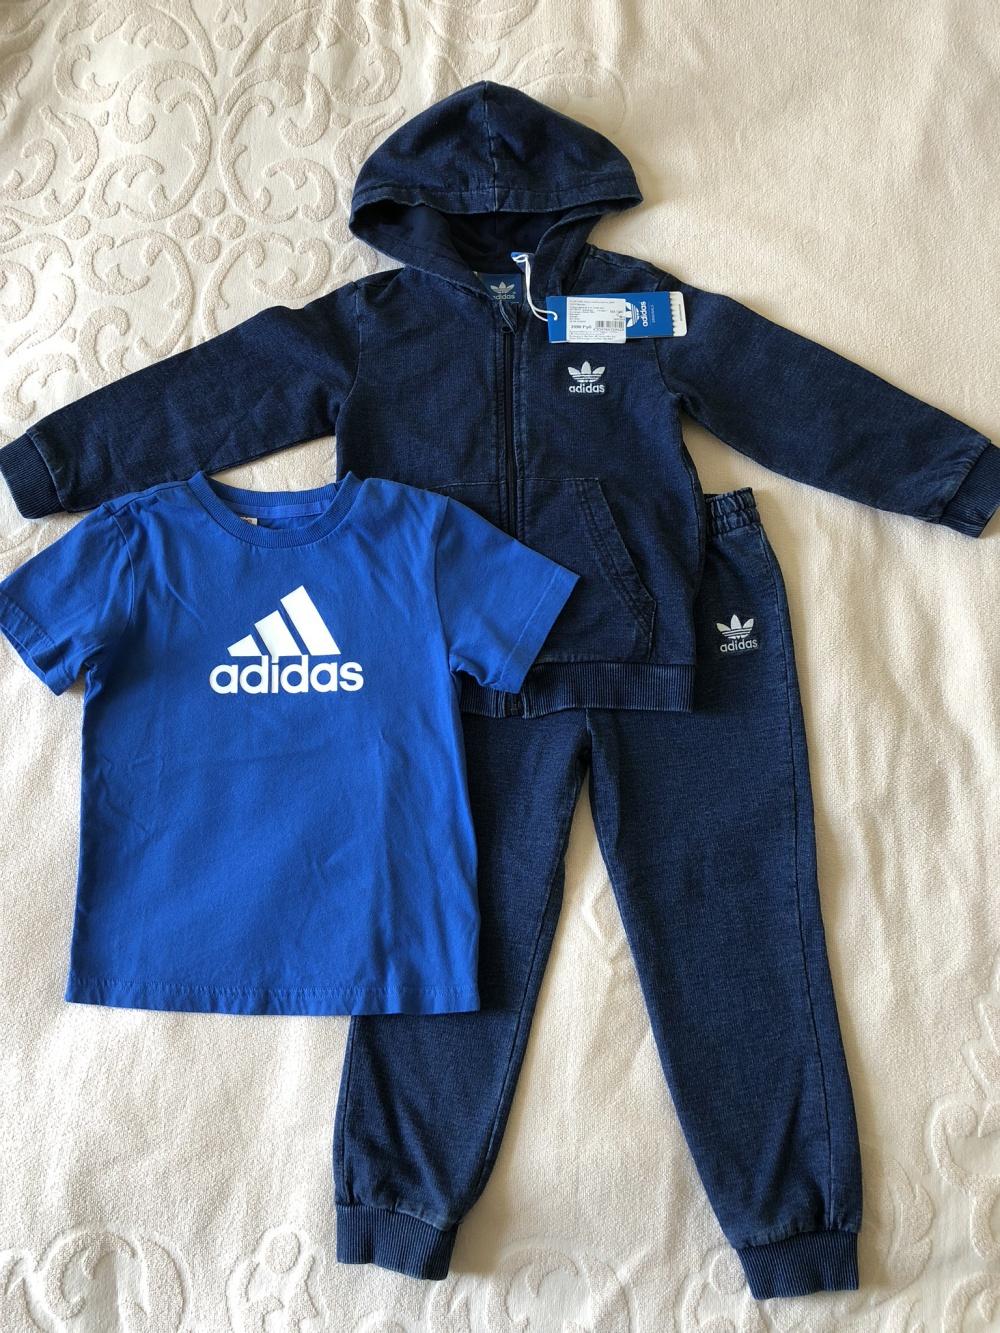 Спортивный костюм Adidas 4 года 104 см новый